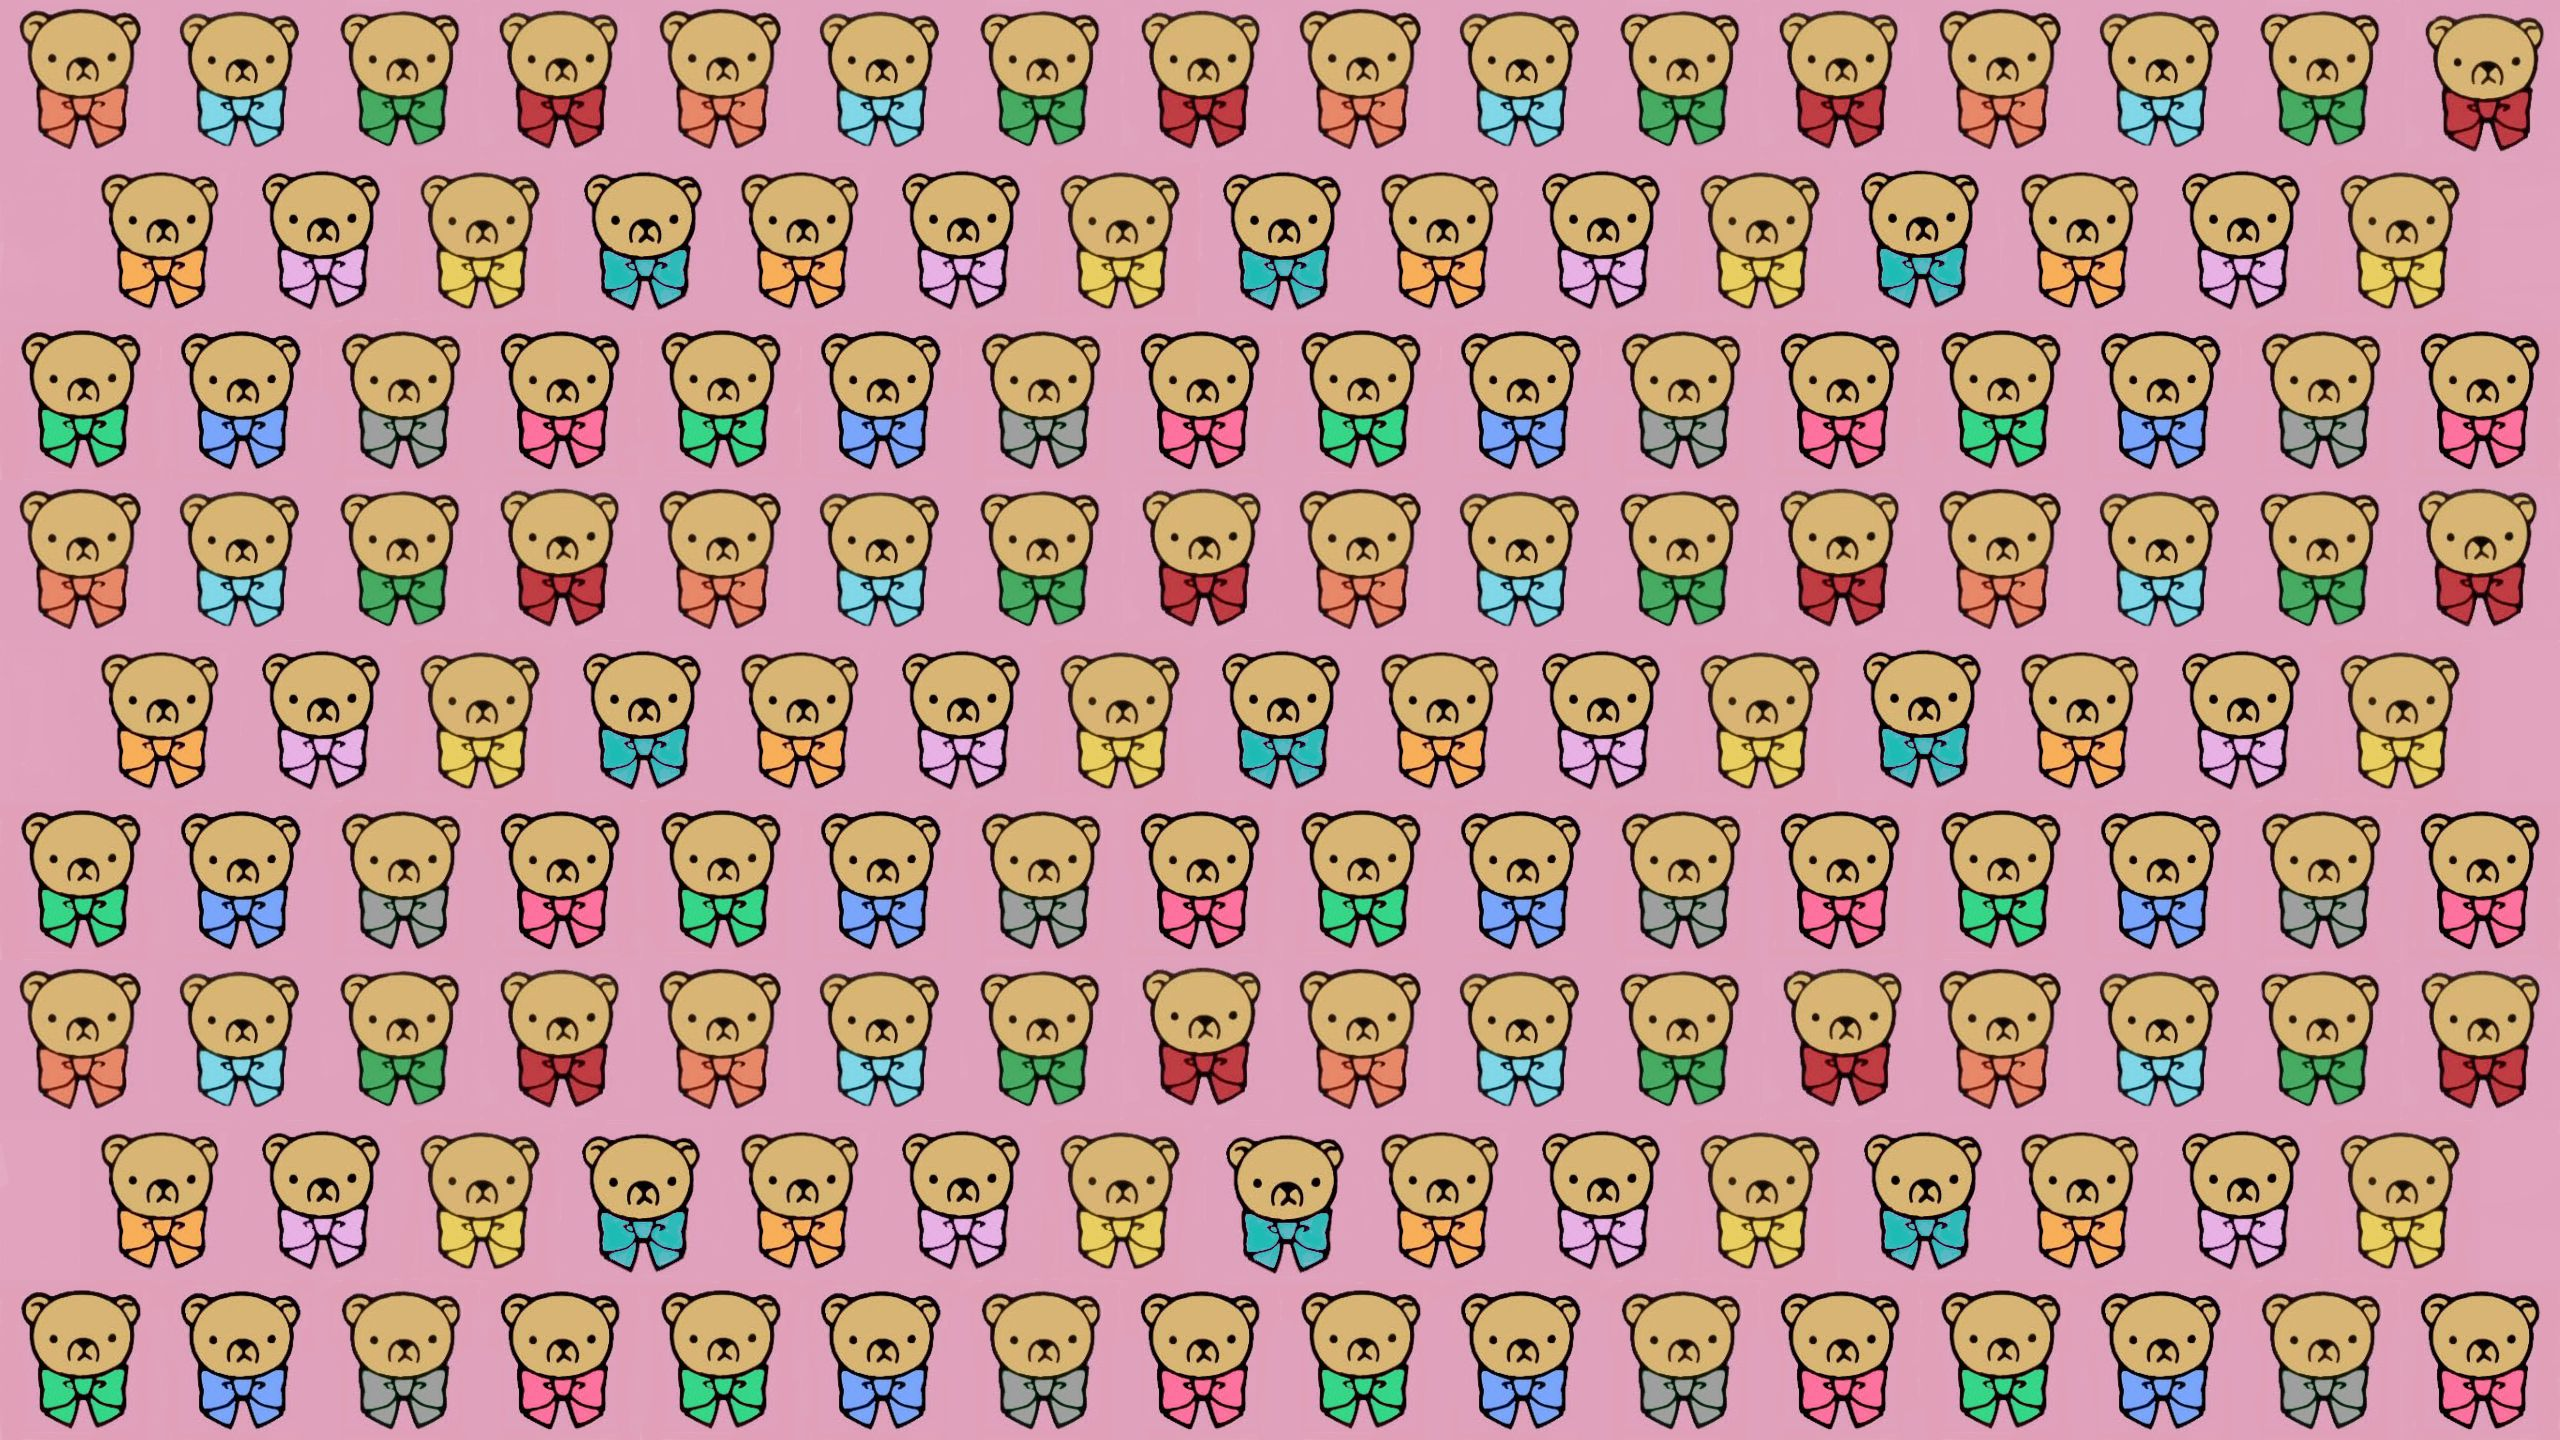 81017 Заставки и Обои Медведи на телефон. Скачать Фон, Медведи, Разноцветный, Текстуры, Рисунок картинки бесплатно